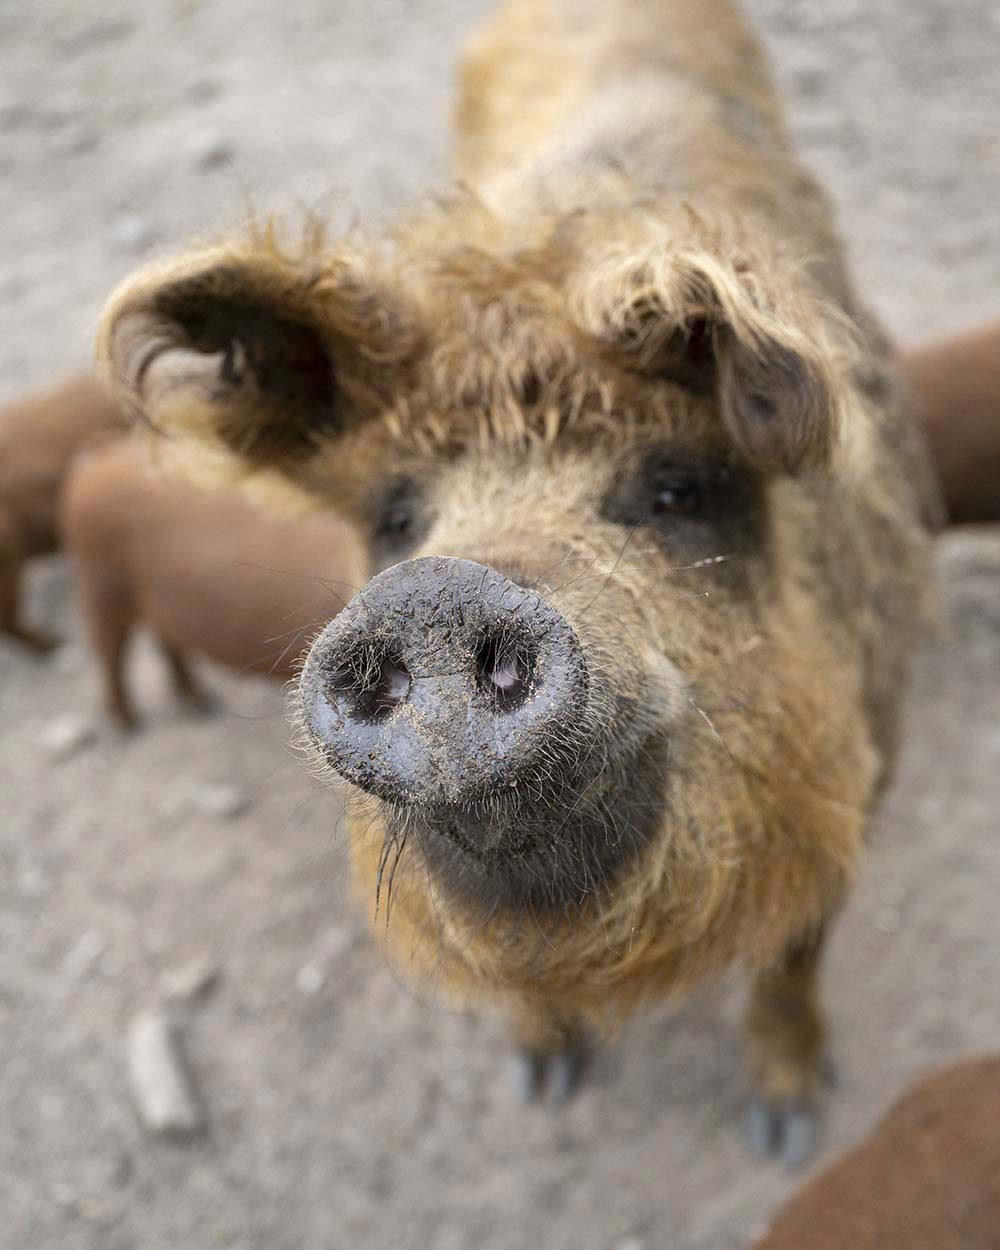 Ein weibliches Mangalitza Wollschwein in der Nahaufname. Die Sau säugt gerade ihren Nachwuchs.